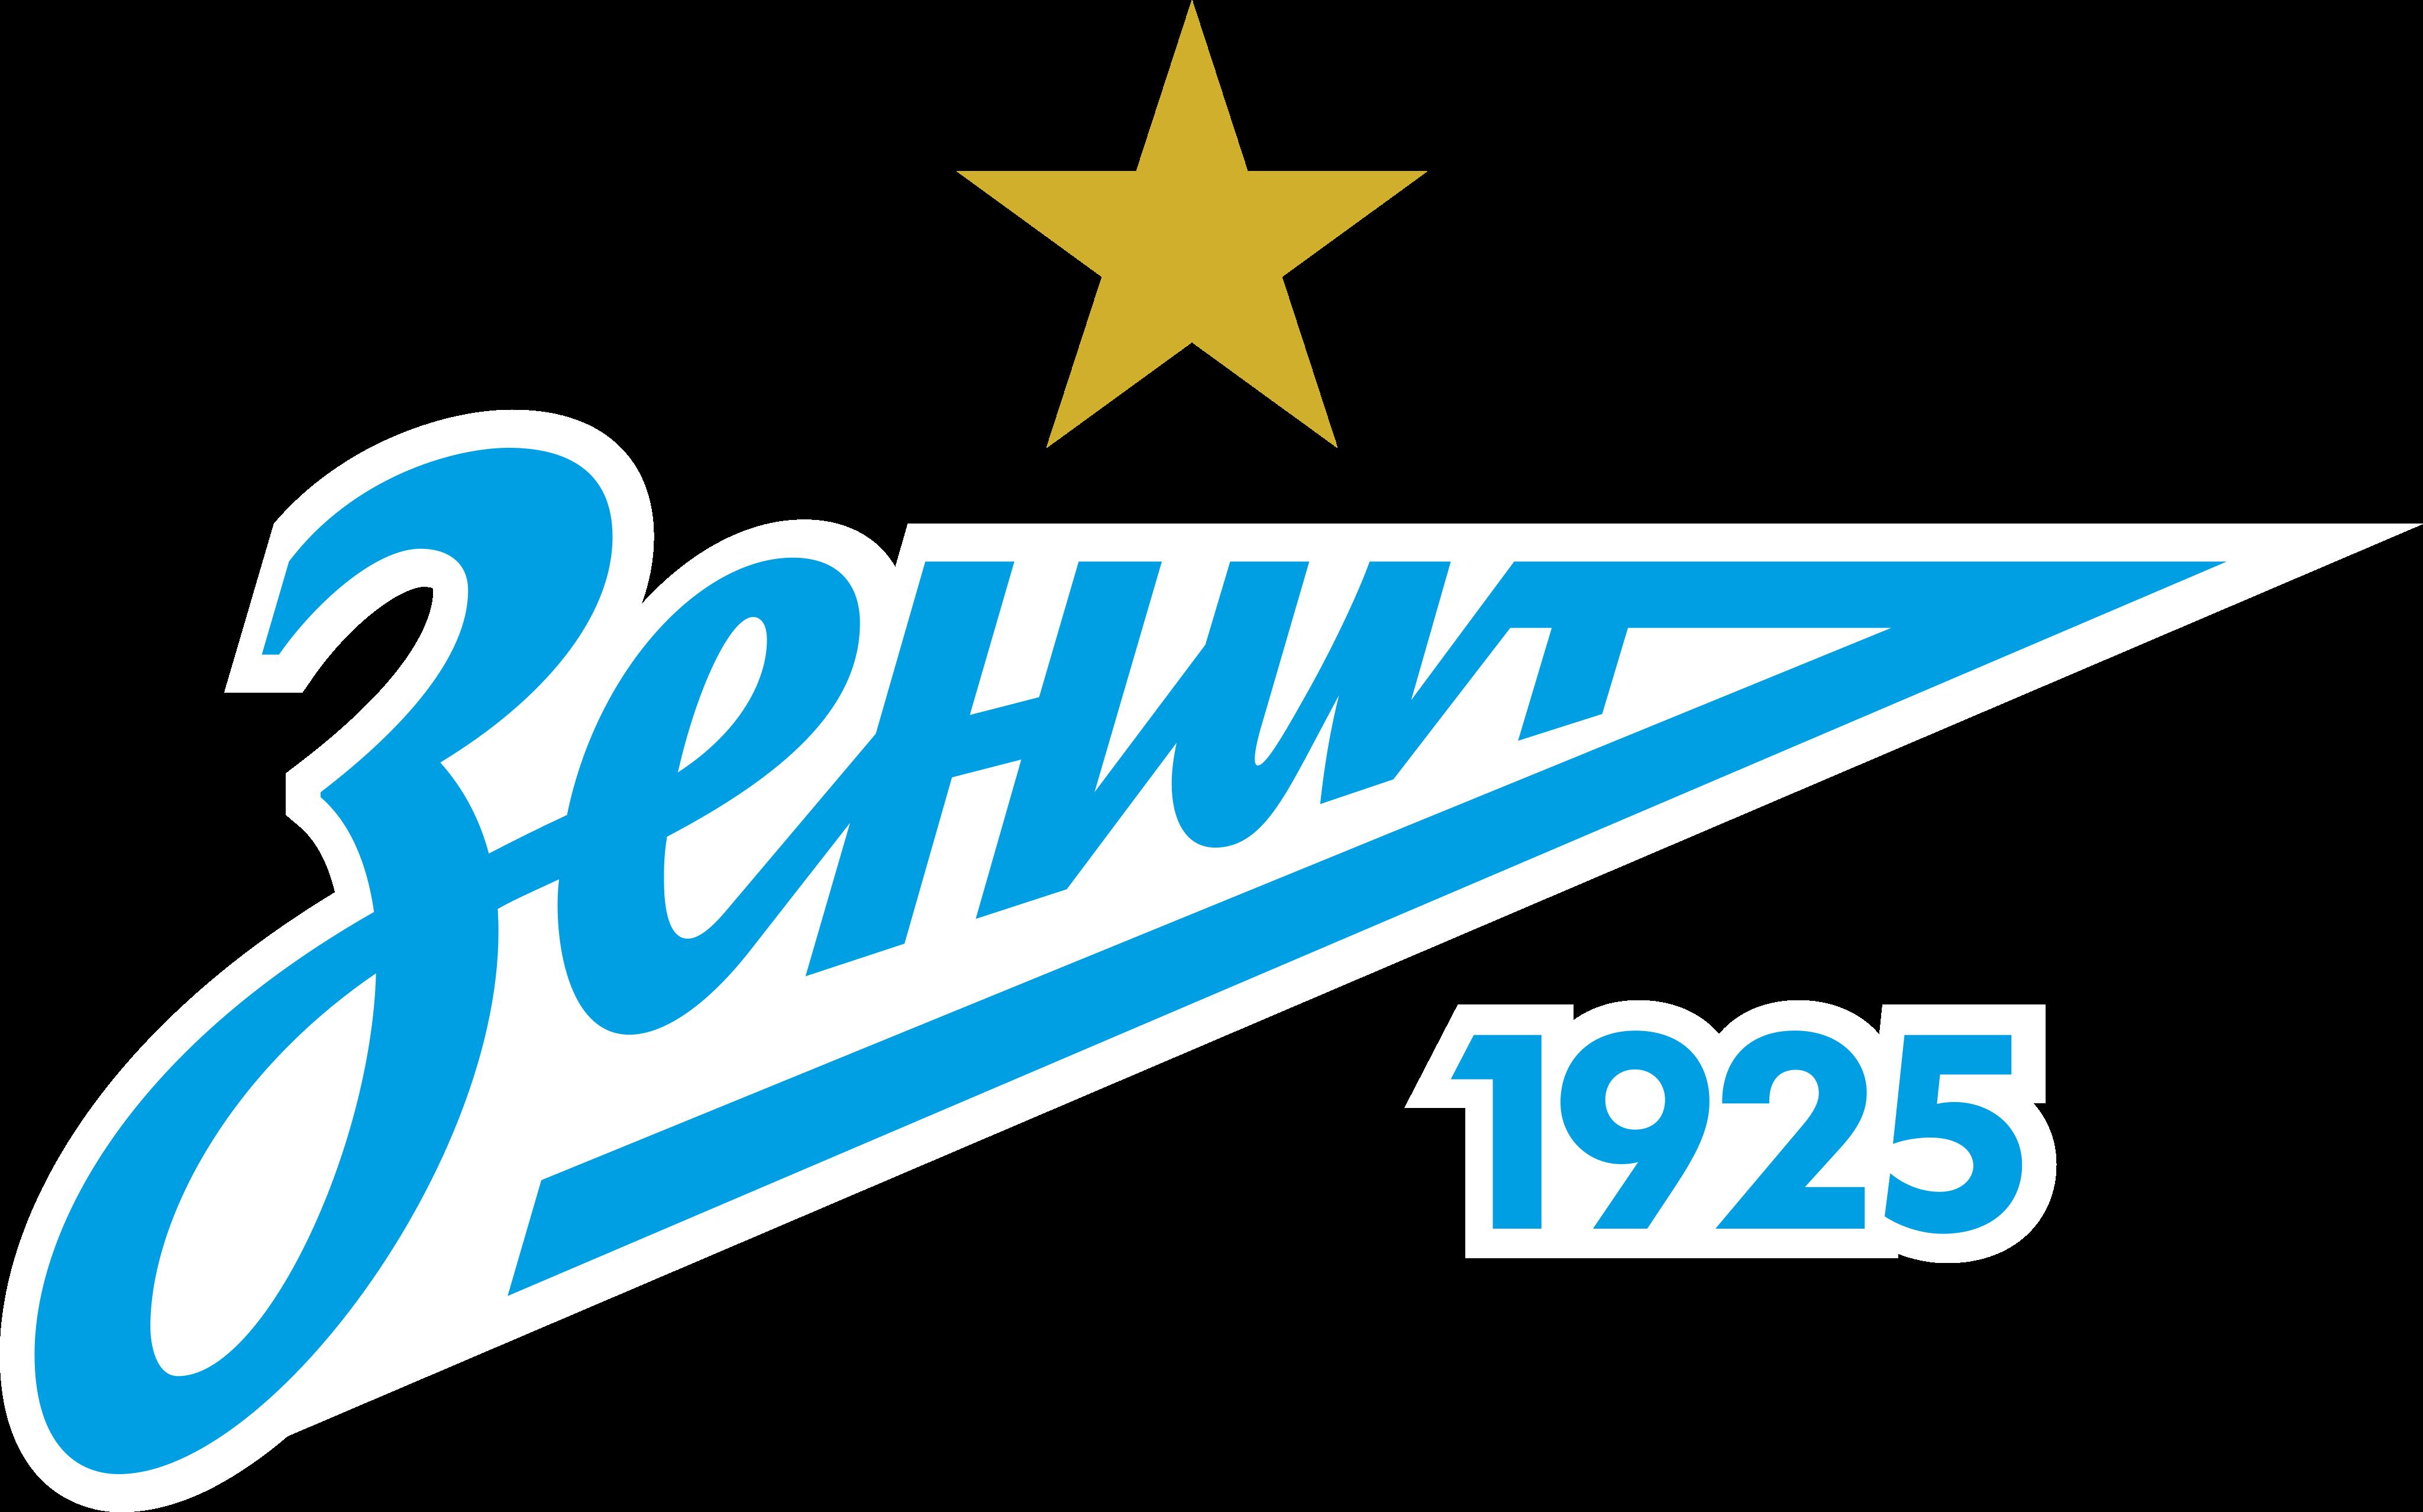 Zenit Org